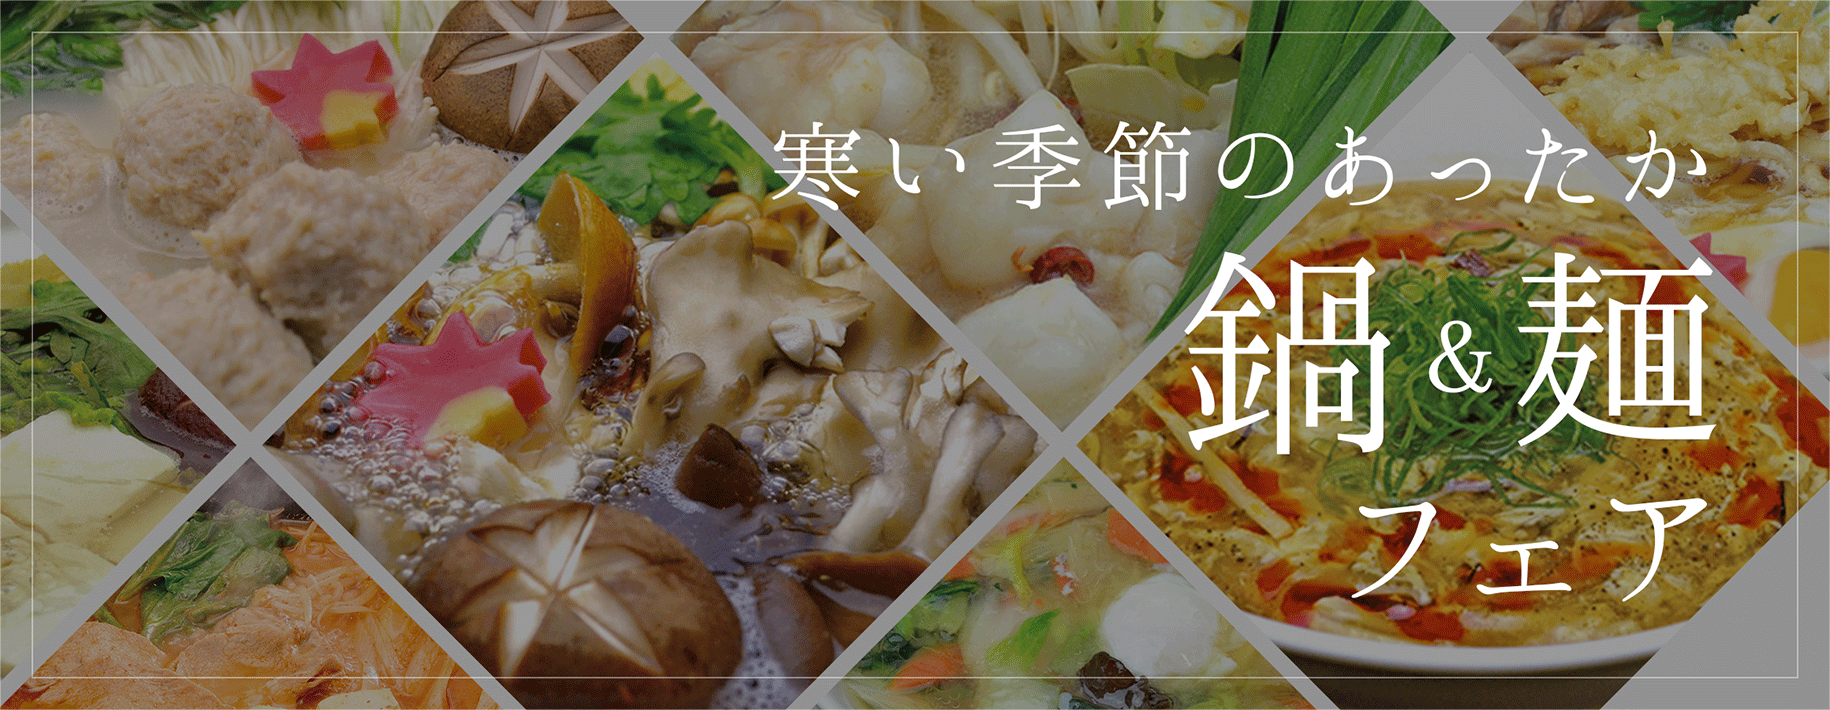 寒い季節のあったか鍋&麺フェア